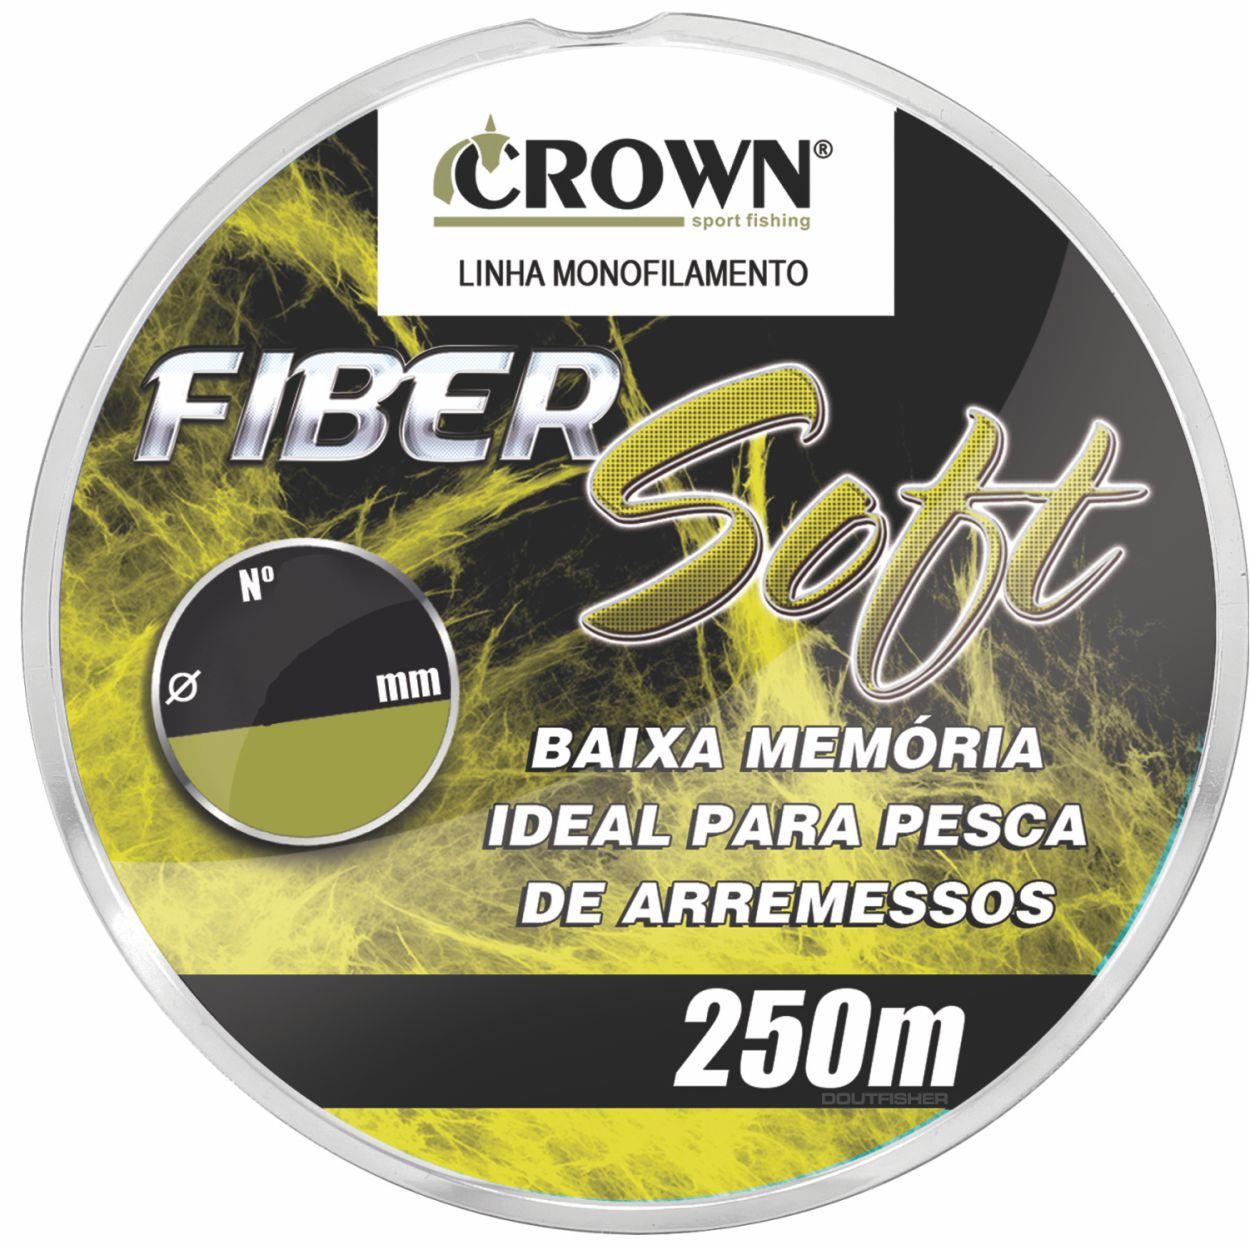 LINHA MONOFILAMENTO CROWN FIBER SOFT AMARELA 250M